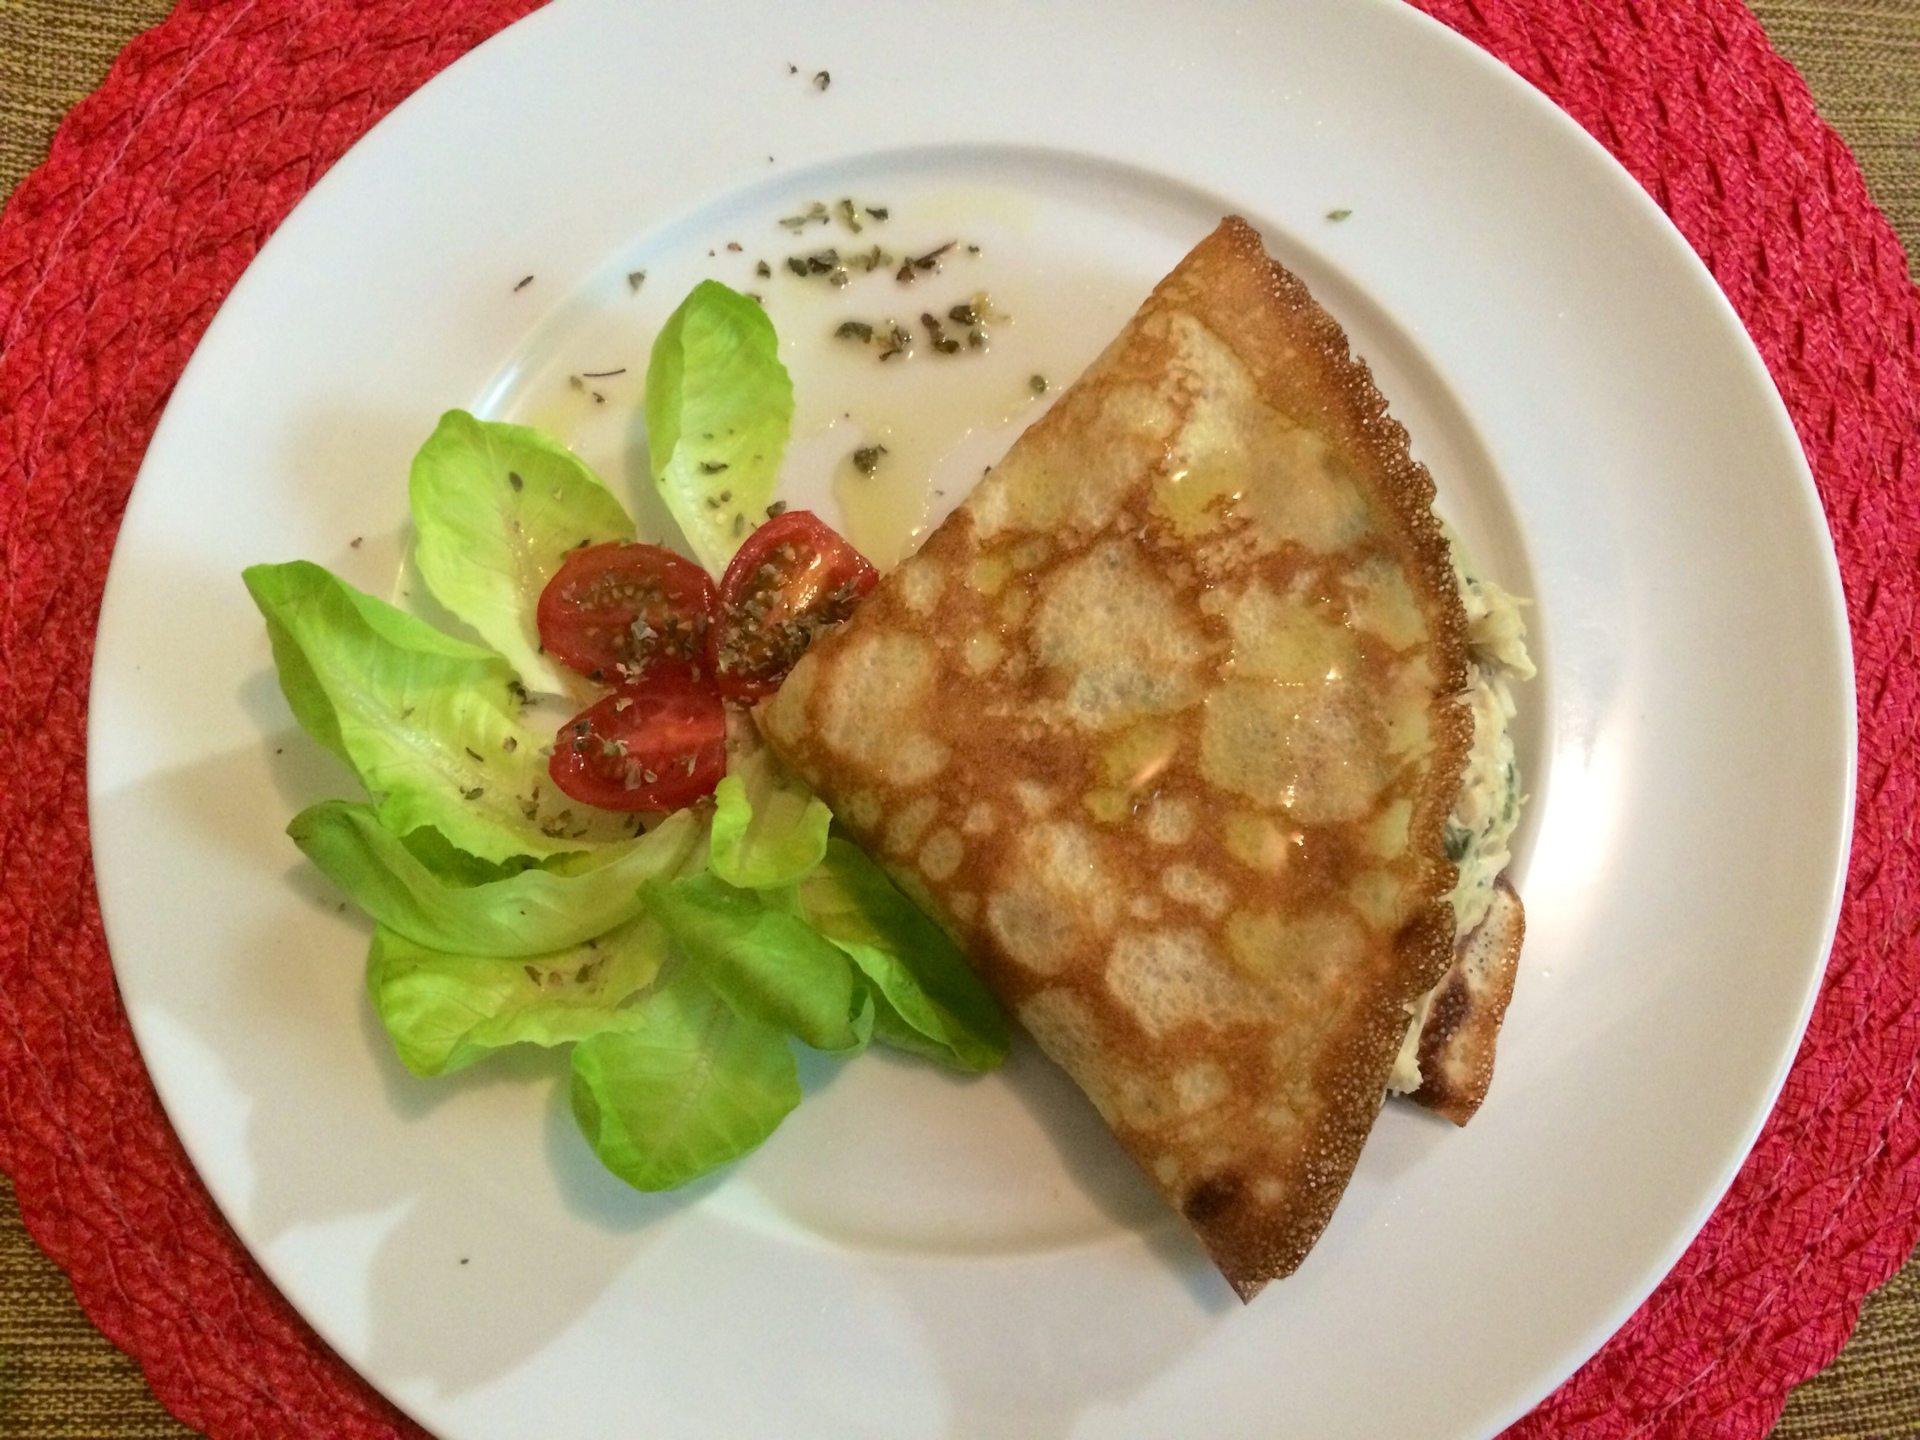 Receita rápida e fácil de Crepe de Quinoa com Frango ao Creme de Espinafre